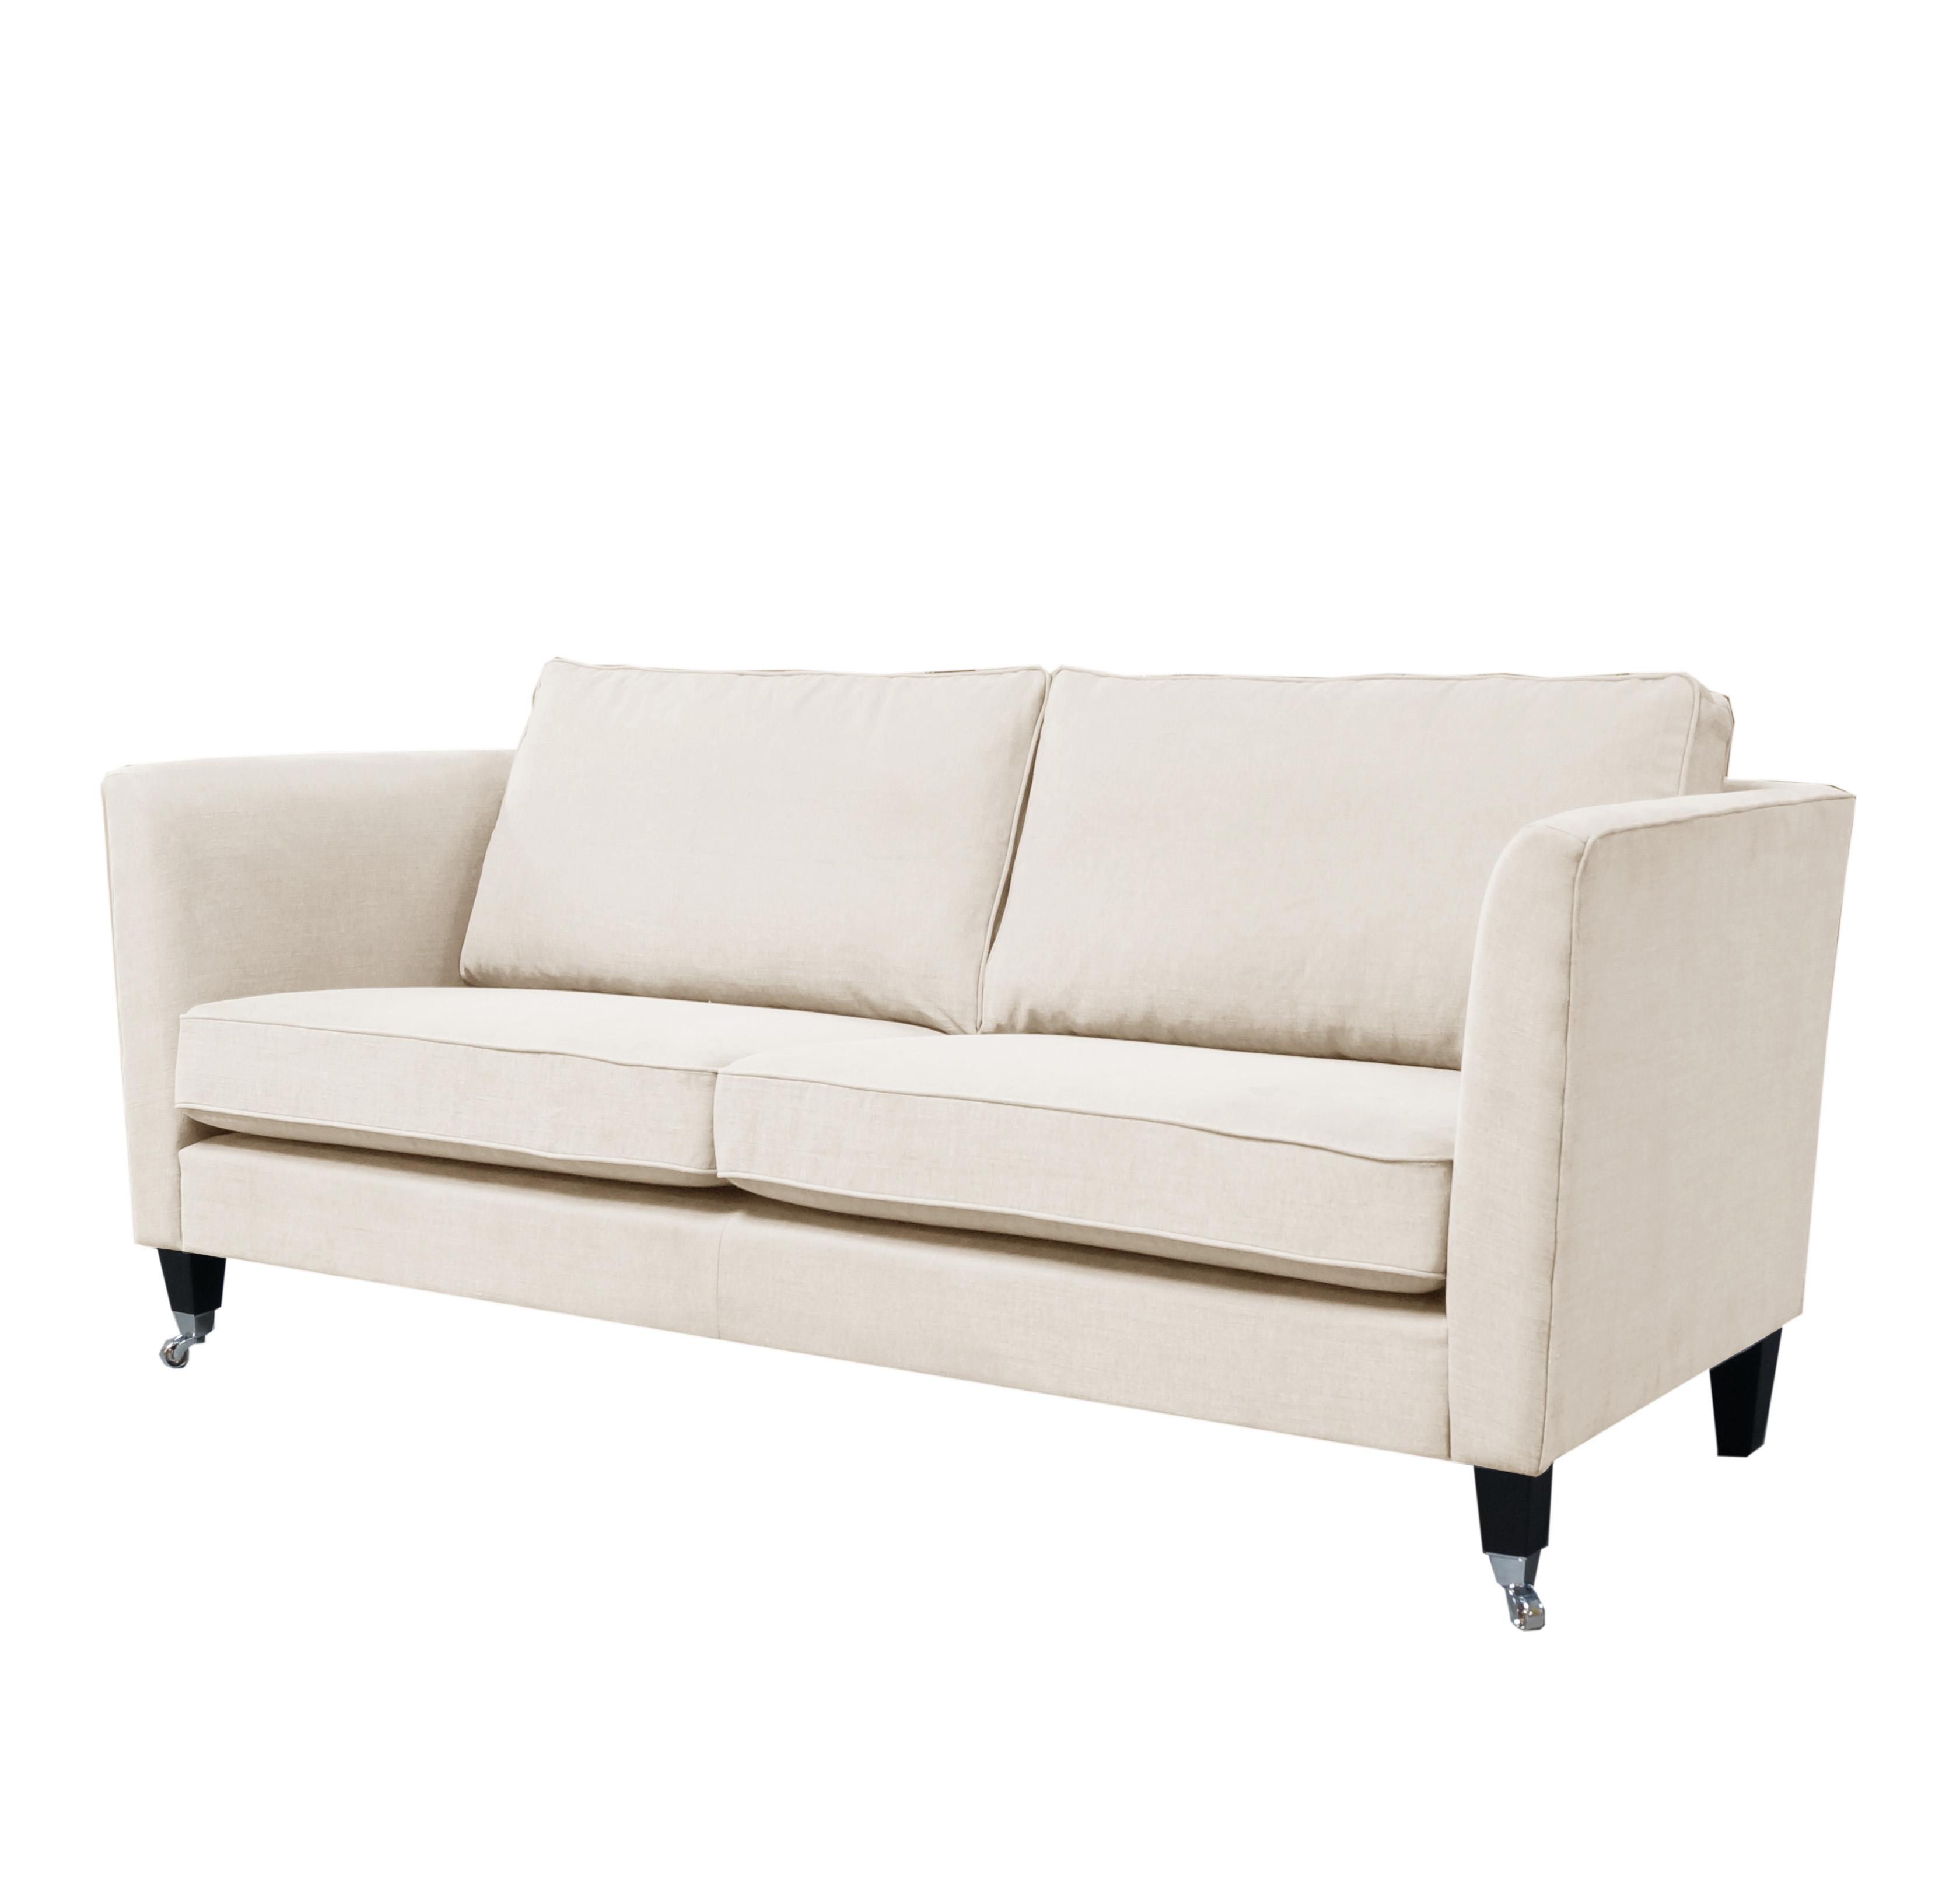 Carlton soffa 3-sits snett framifrån - englesson.se